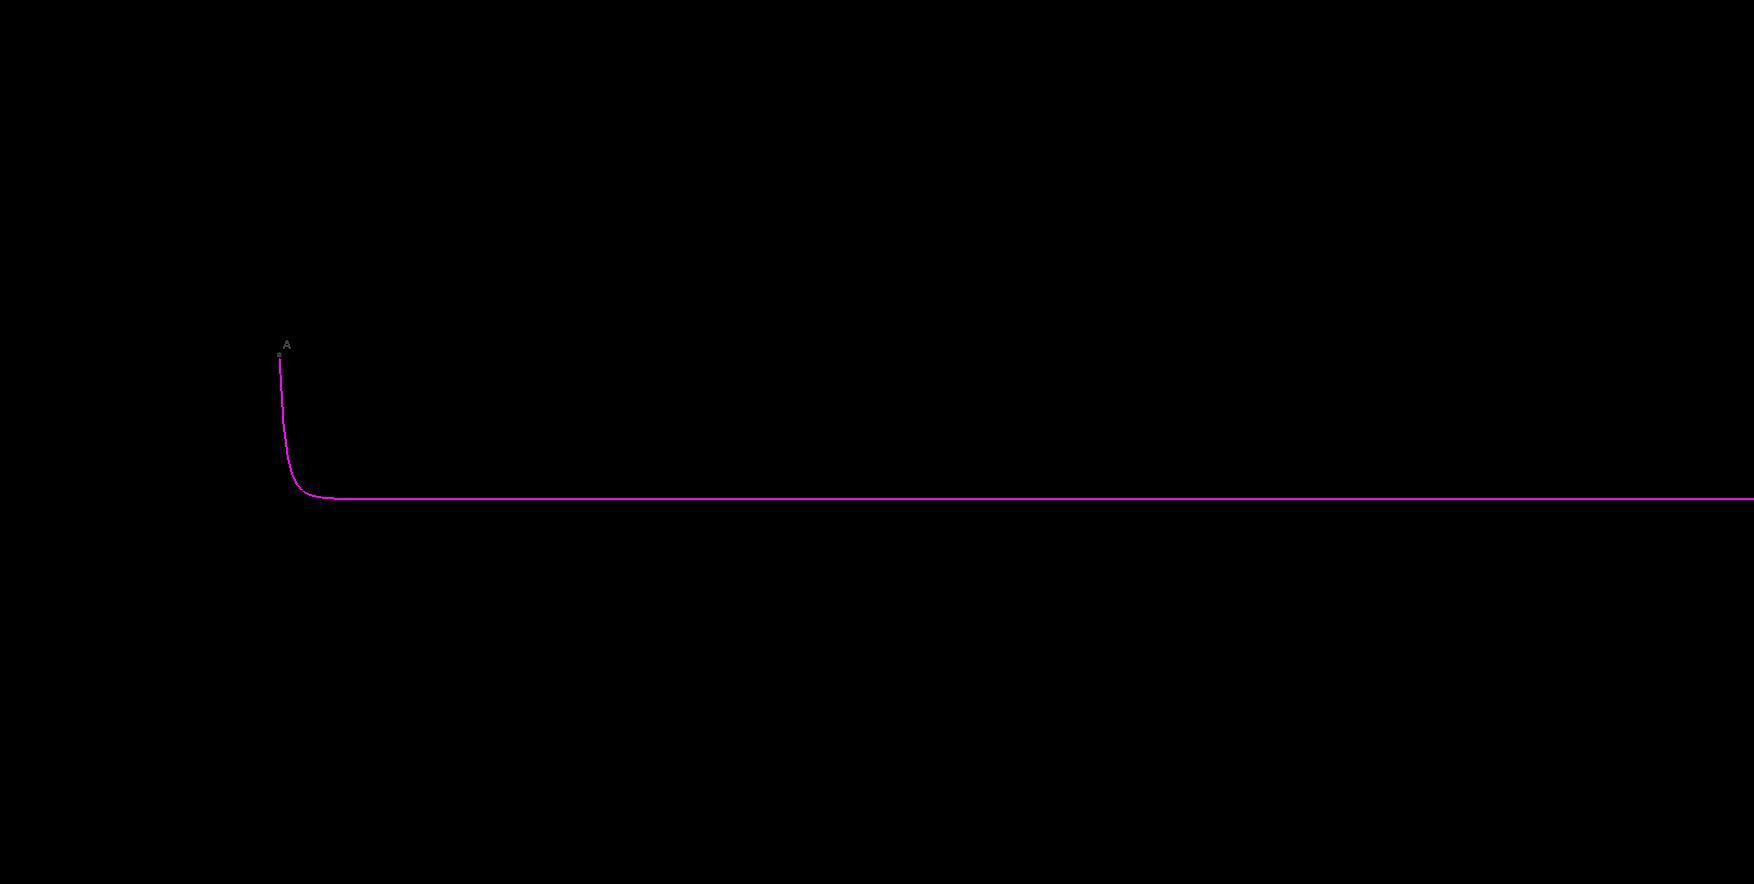 Trajectory of system: y'=ℯ^(sin(y)) - y² + ln(y)